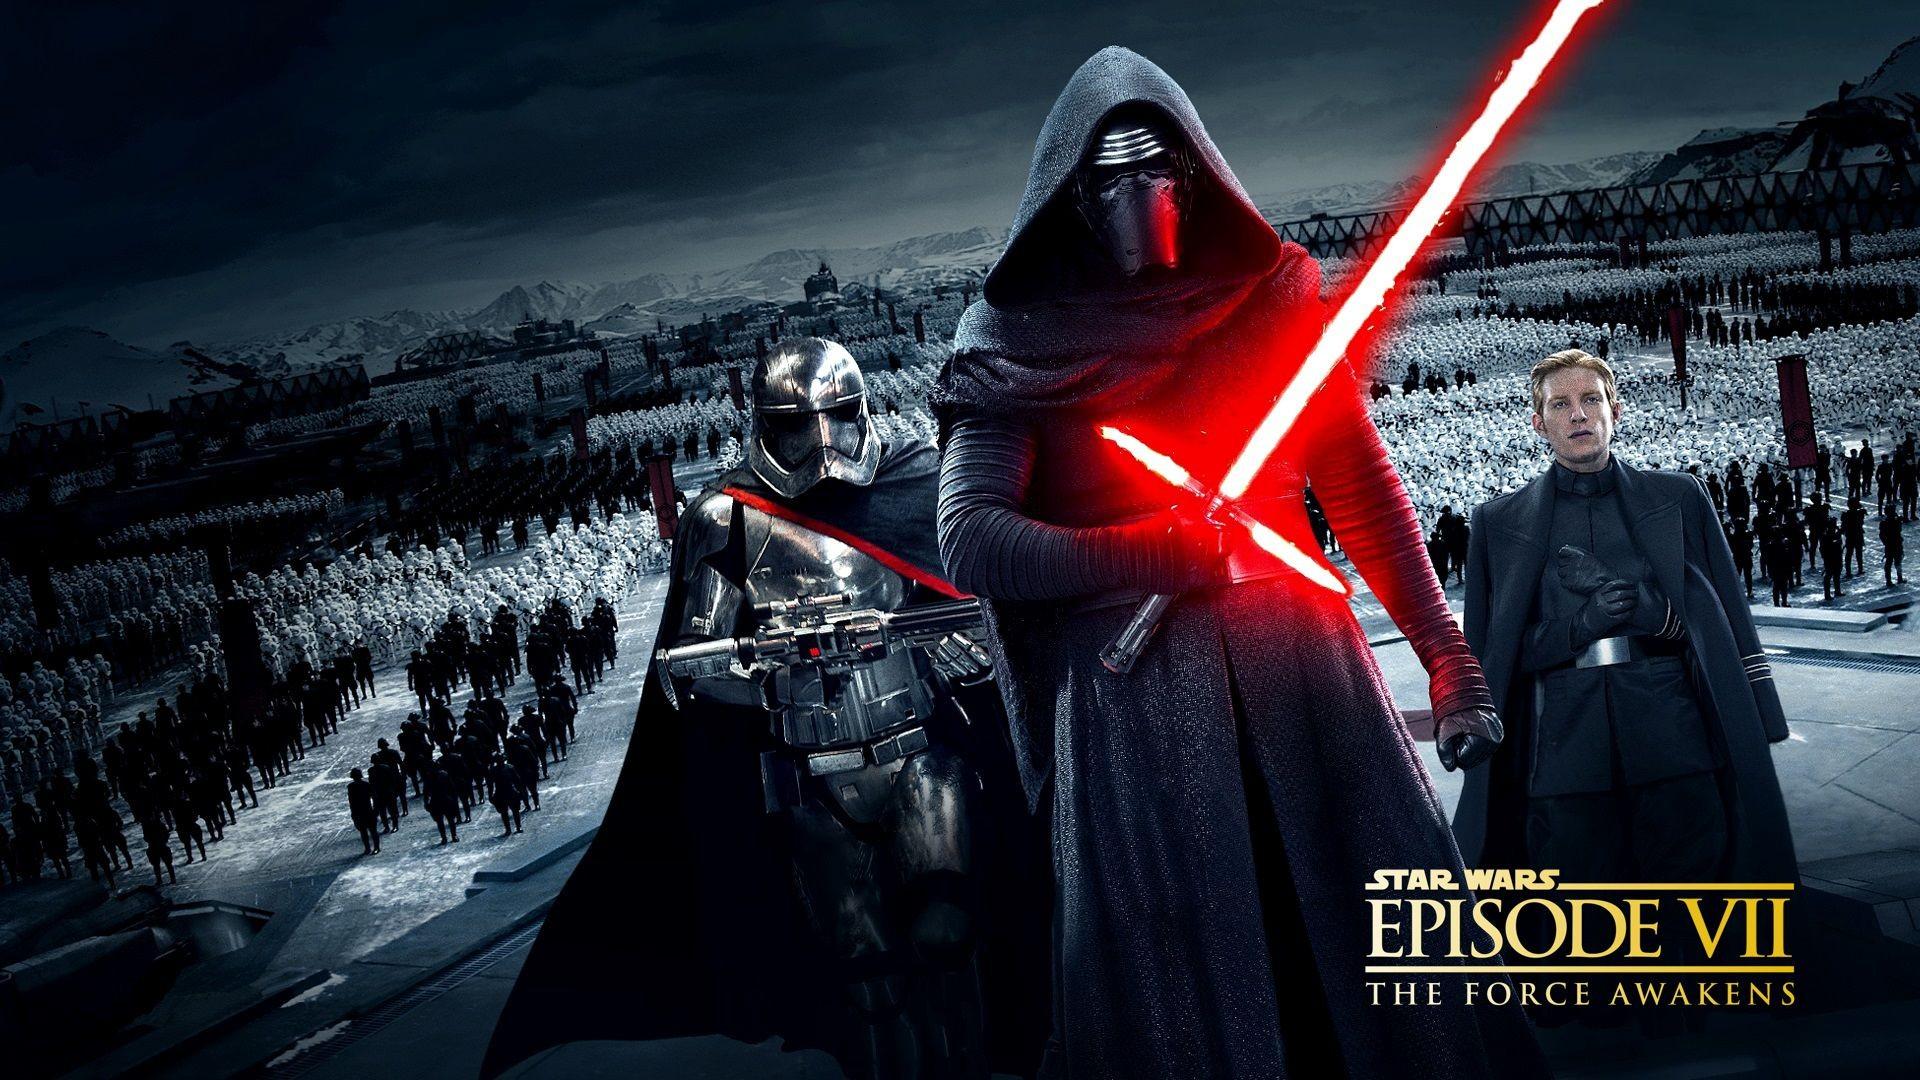 Fondos De Pantalla Guerra De Las Galaxias Noche Sith